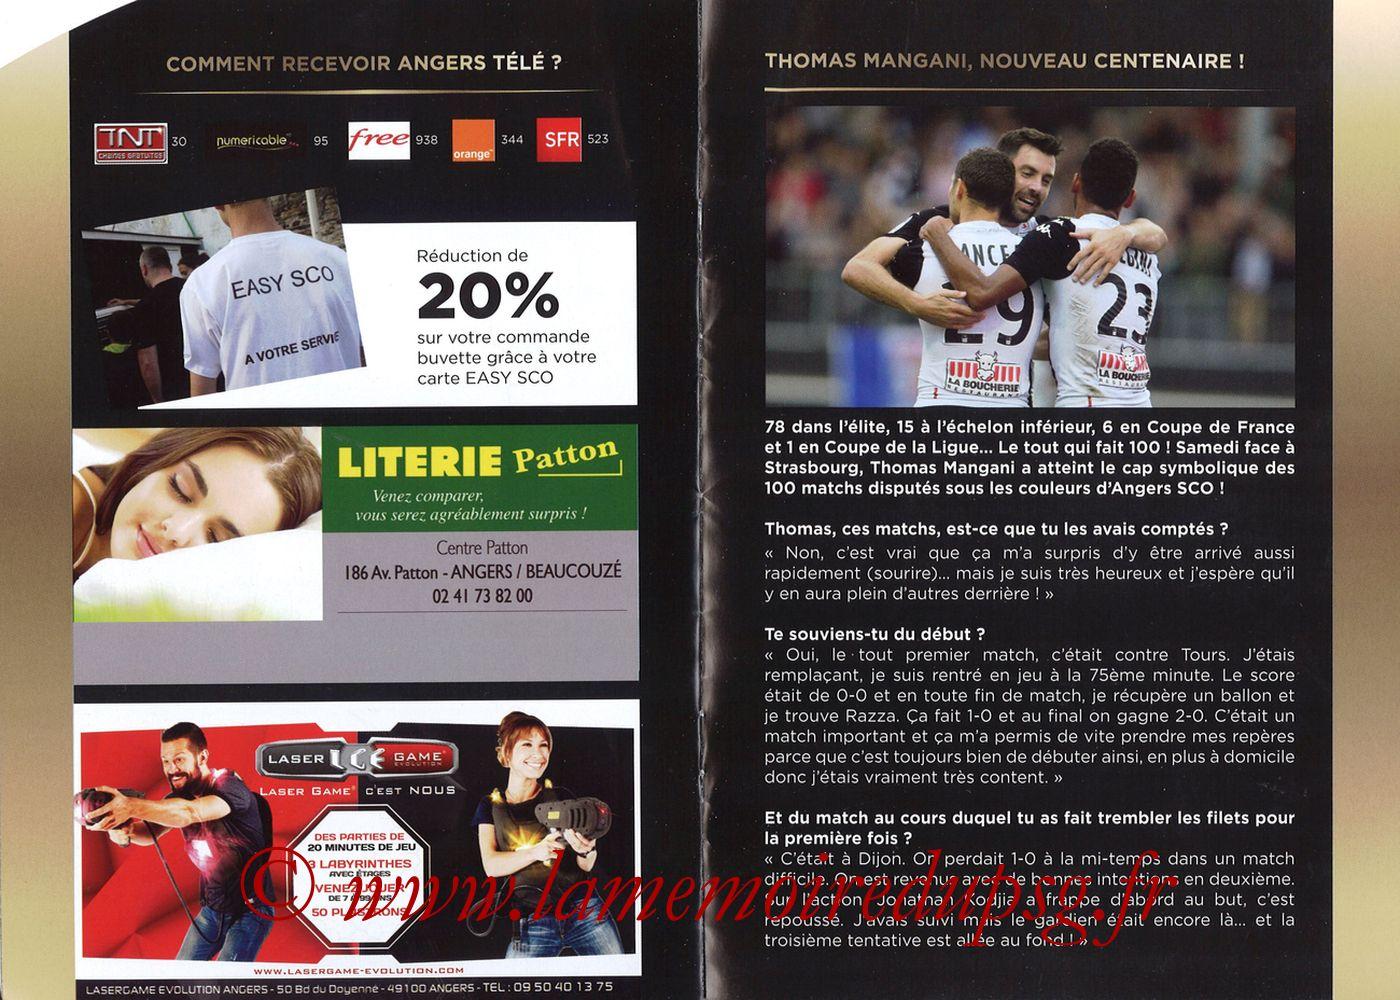 2017-11-04  Angers-PSG (12ème L1, Programme officiel) - Pages 06 et 07